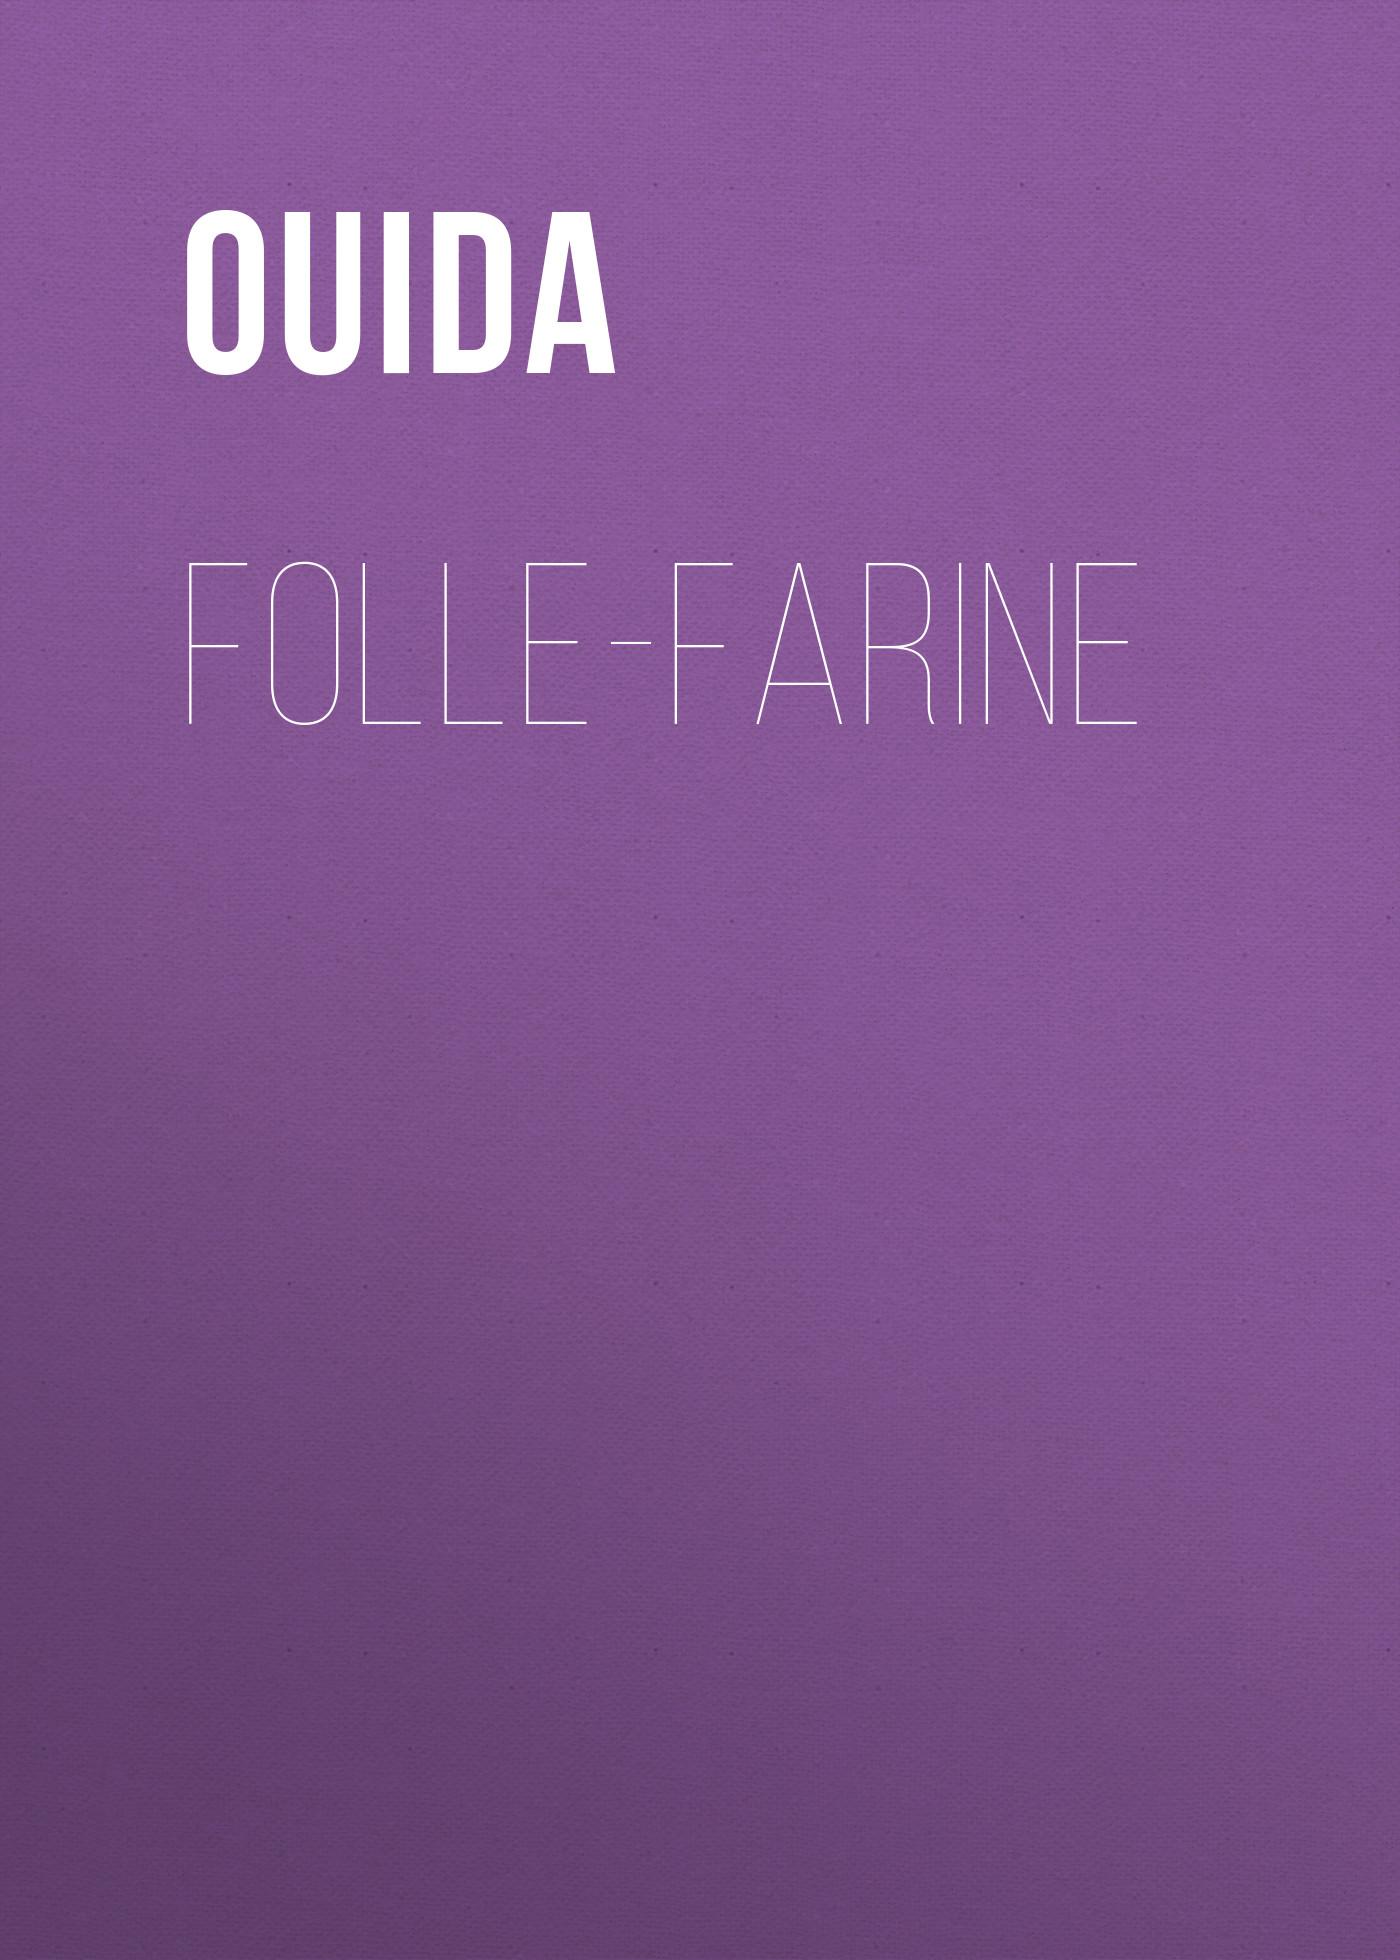 Ouida Folle-Farine